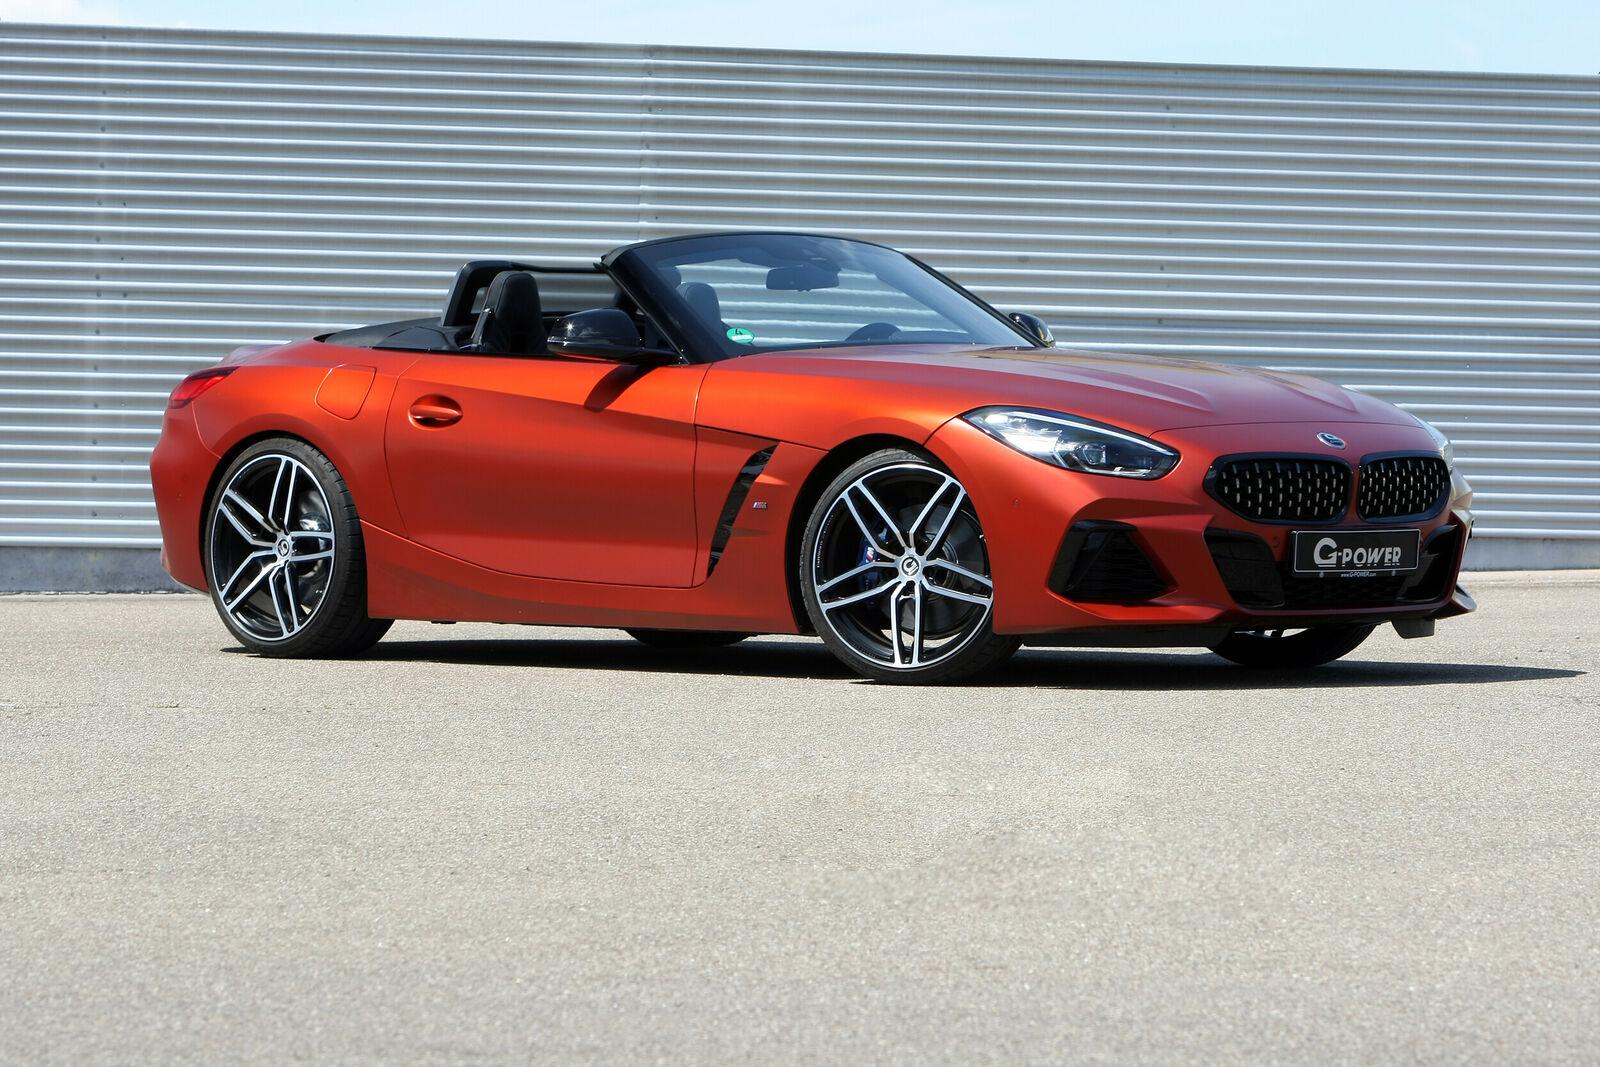 2020 BMW Z4 M Roadster Release Date